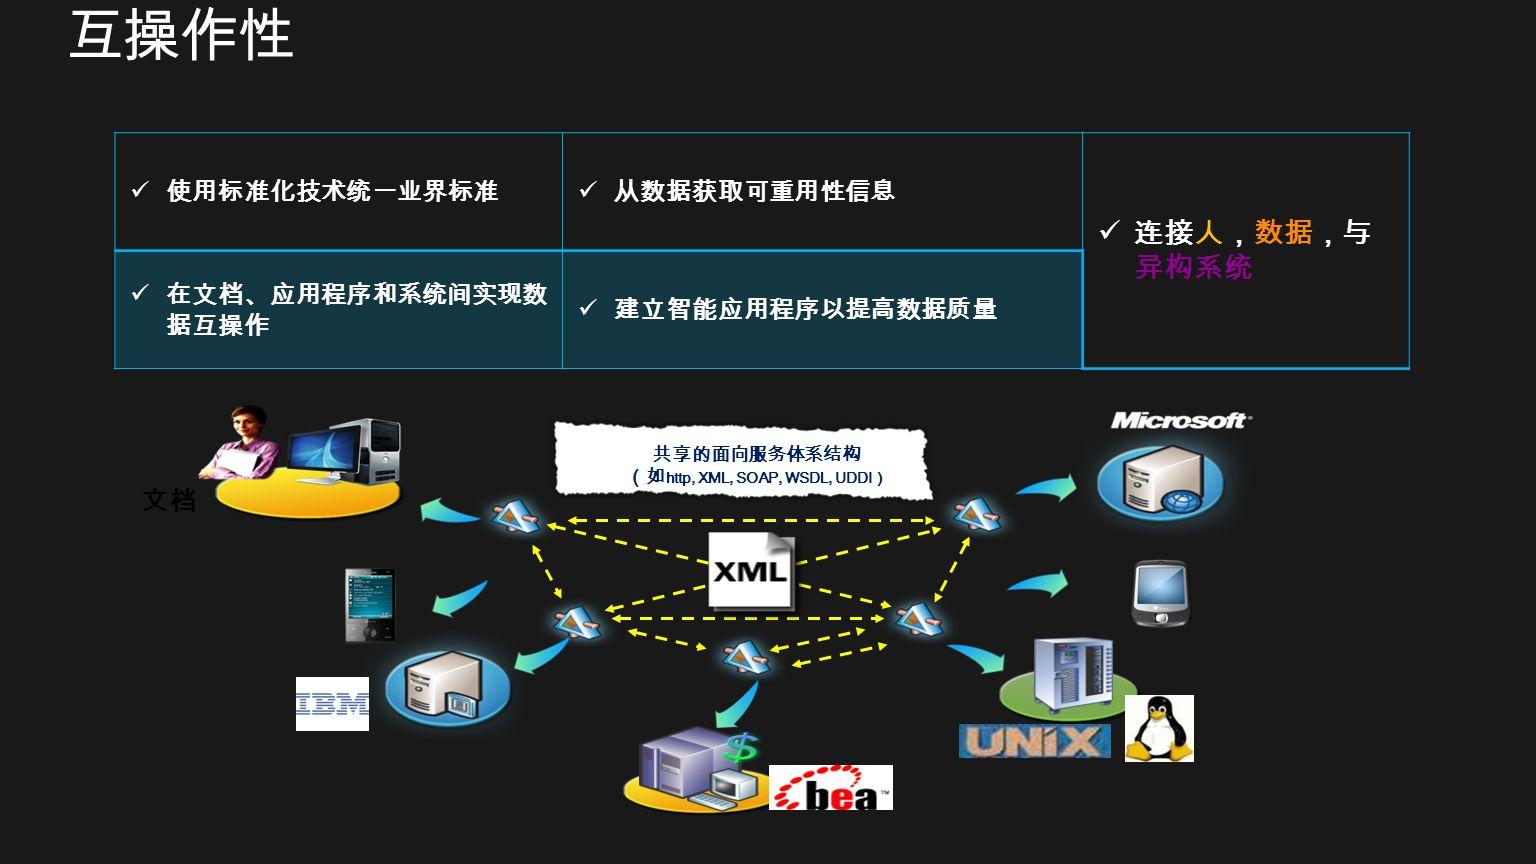 (如http, XML, SOAP, WSDL, UDDI)